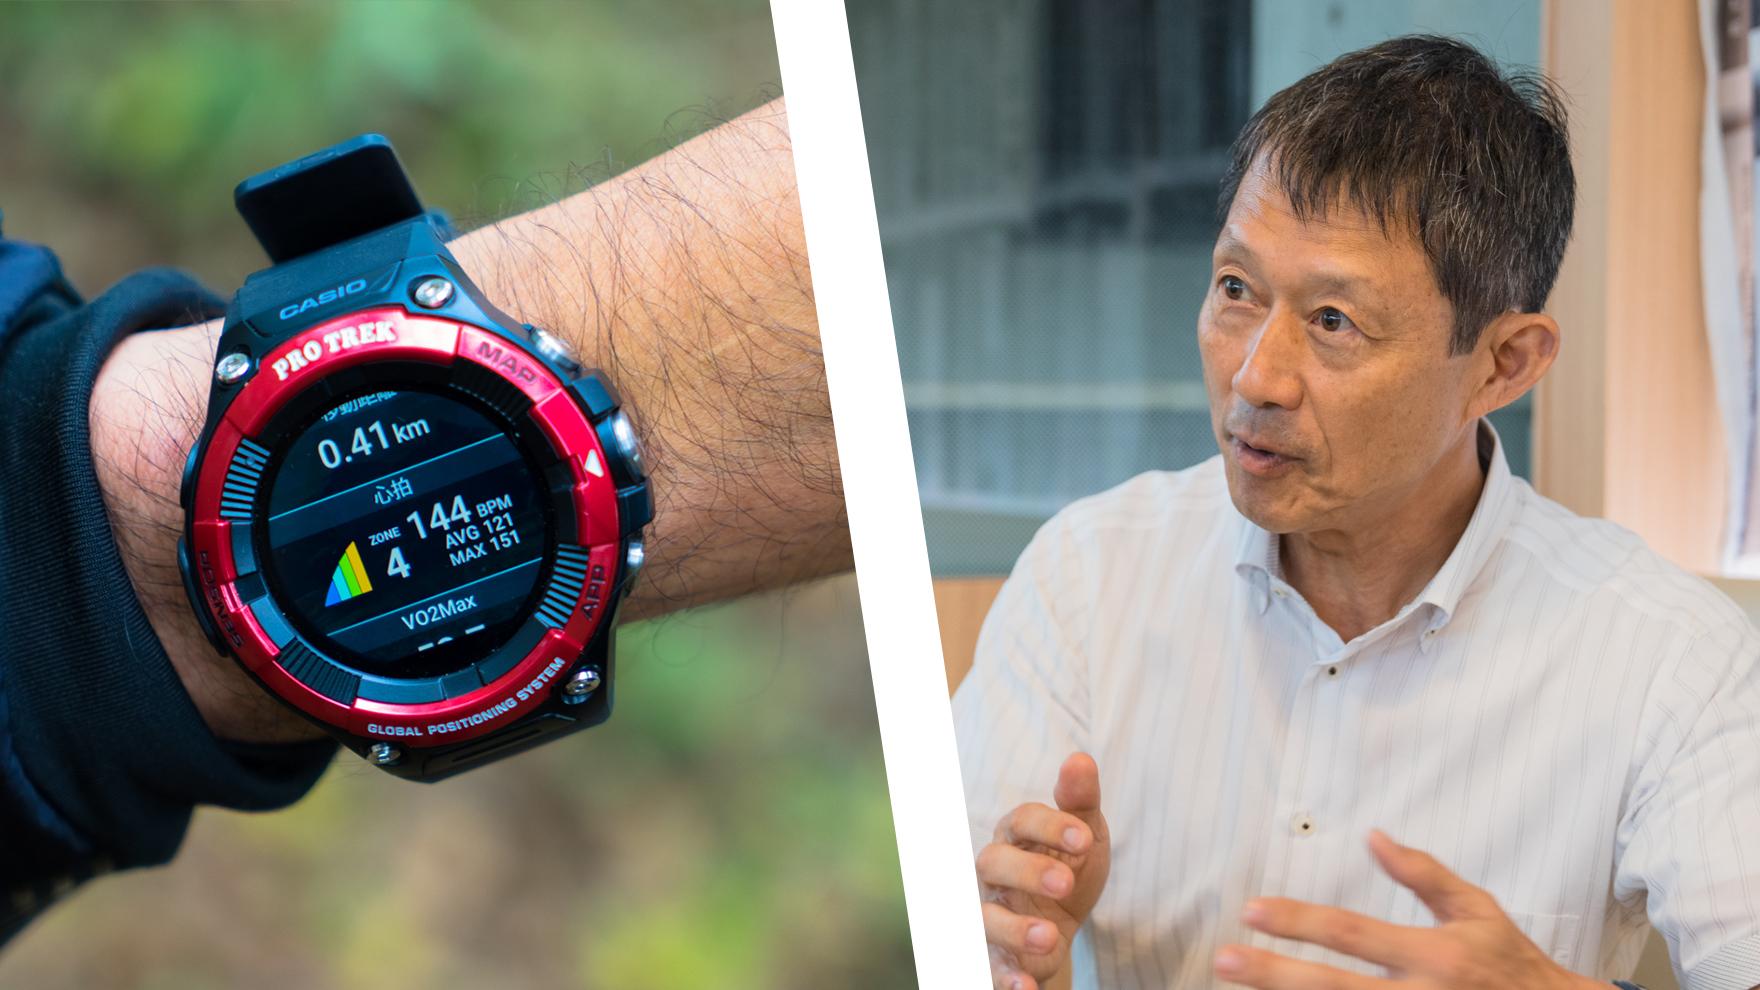 【専門家に聞いてみた】心拍数の計測できるPRO TREK Smart WSD-F21HRを使った疲れない、持久力を高める歩き方とは?